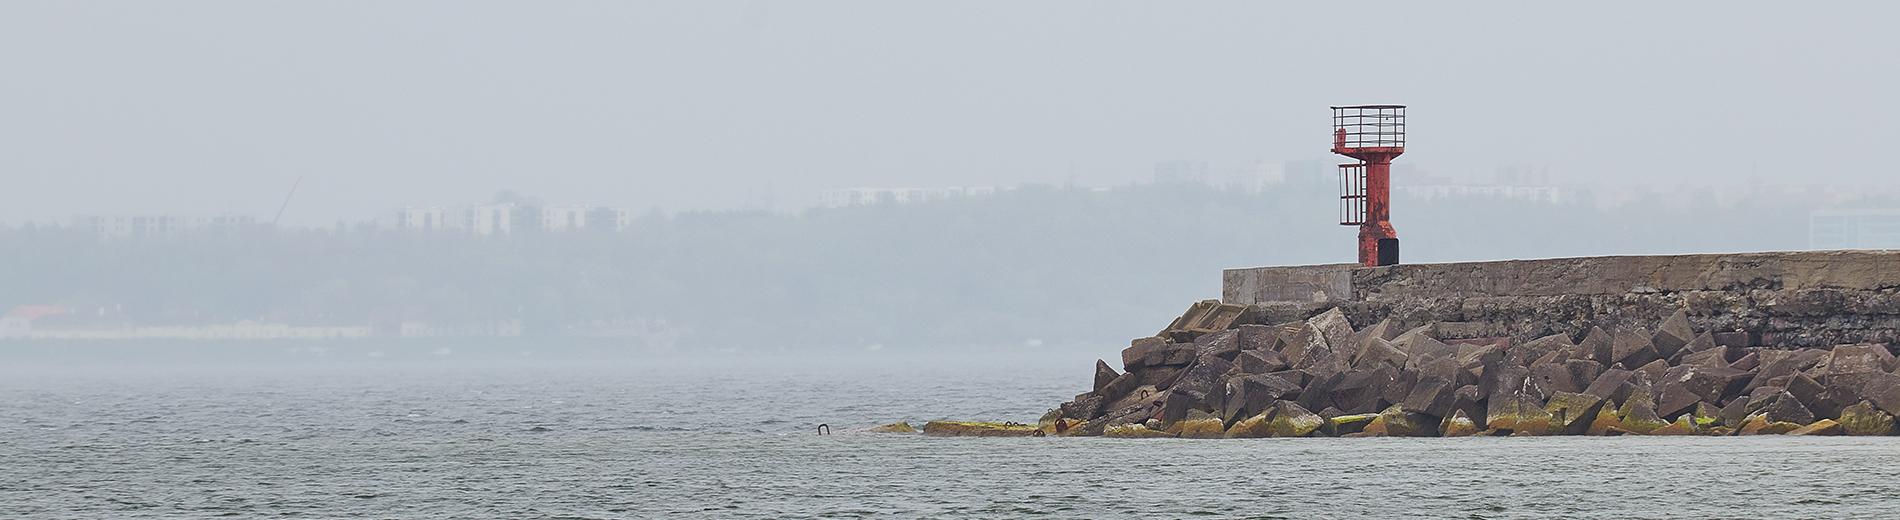 On the Paljassaare peninsula